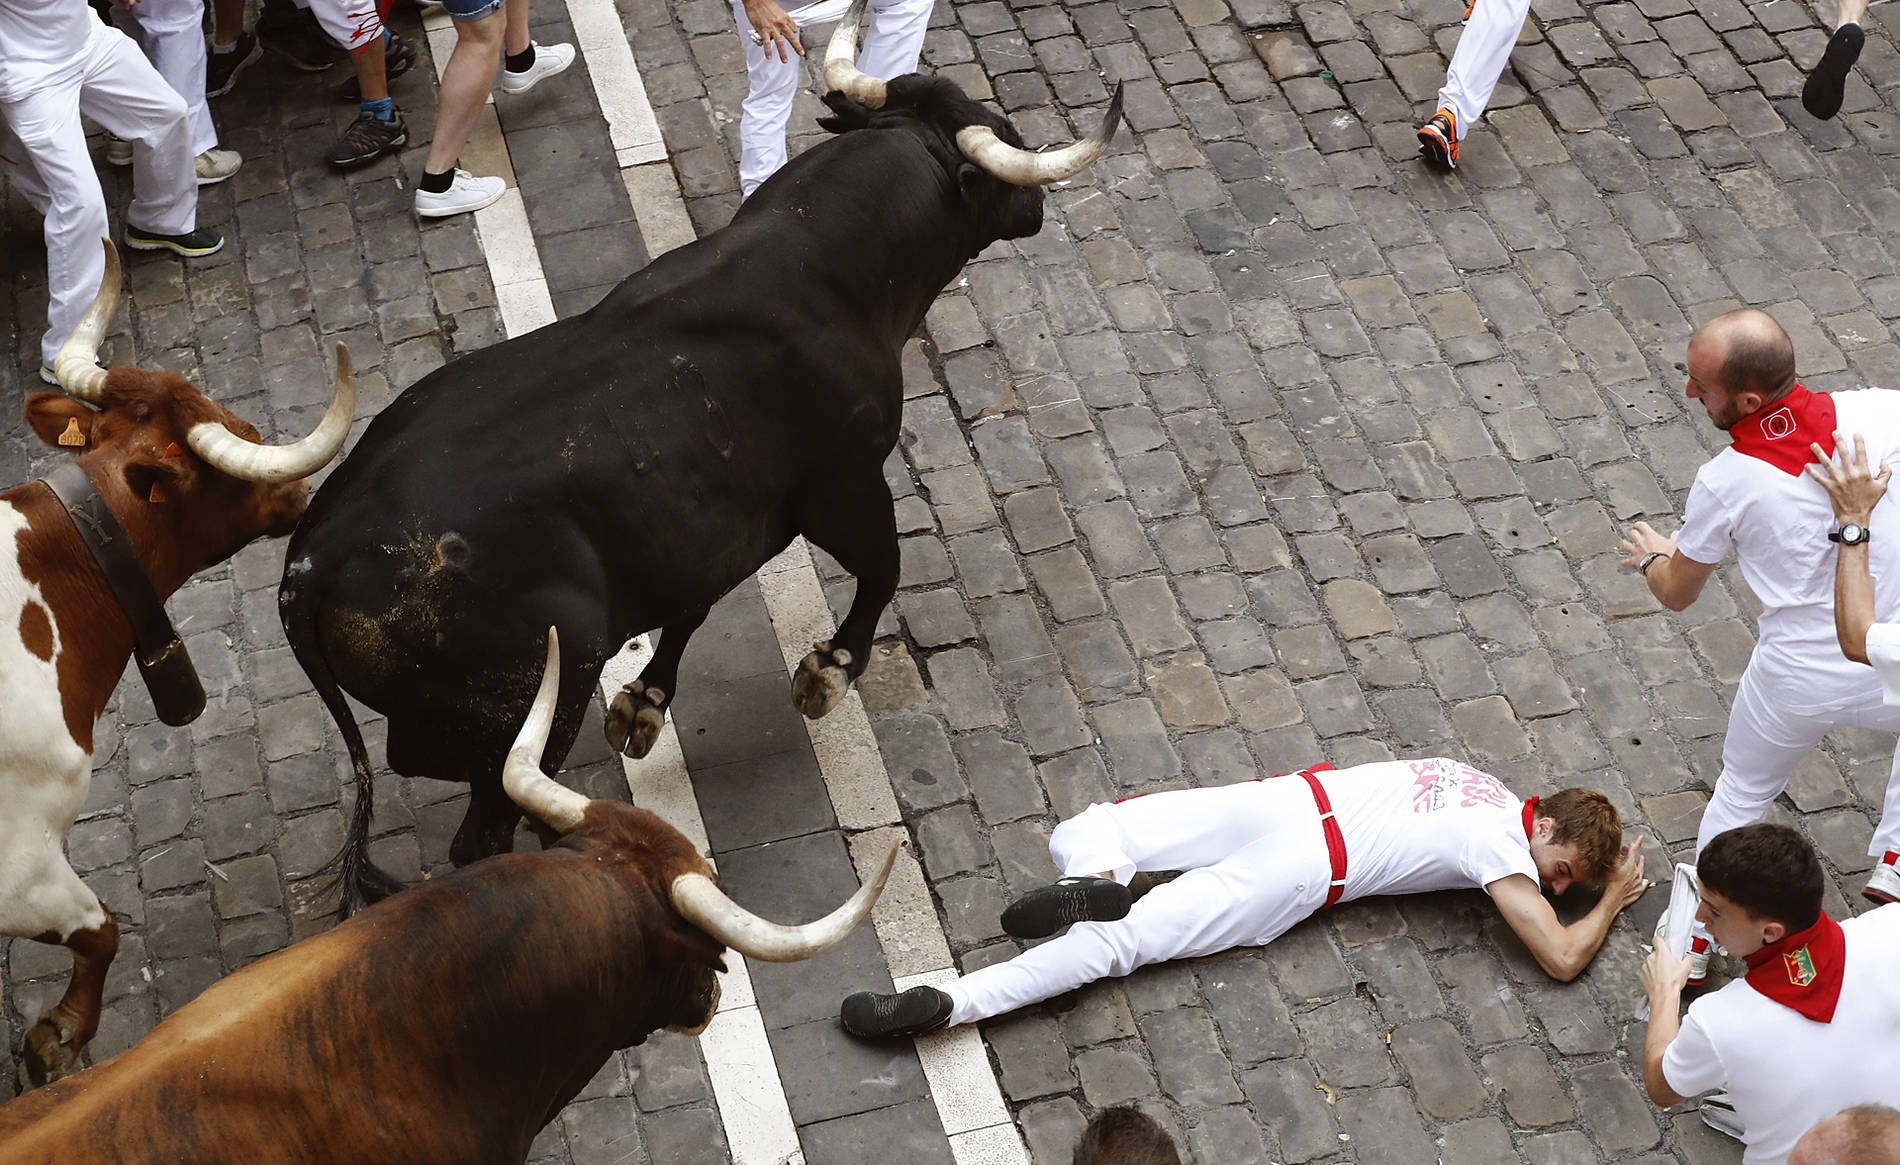 Bajo los 620 kilos de 'Hurón' (1/3) - Un mozo resultó pisoteado en el octavo encierro de los Sanfermines tras ser pisoteado por uno de los Miura en la entrada a la plaza del Ayuntamiento. - San Fermín -